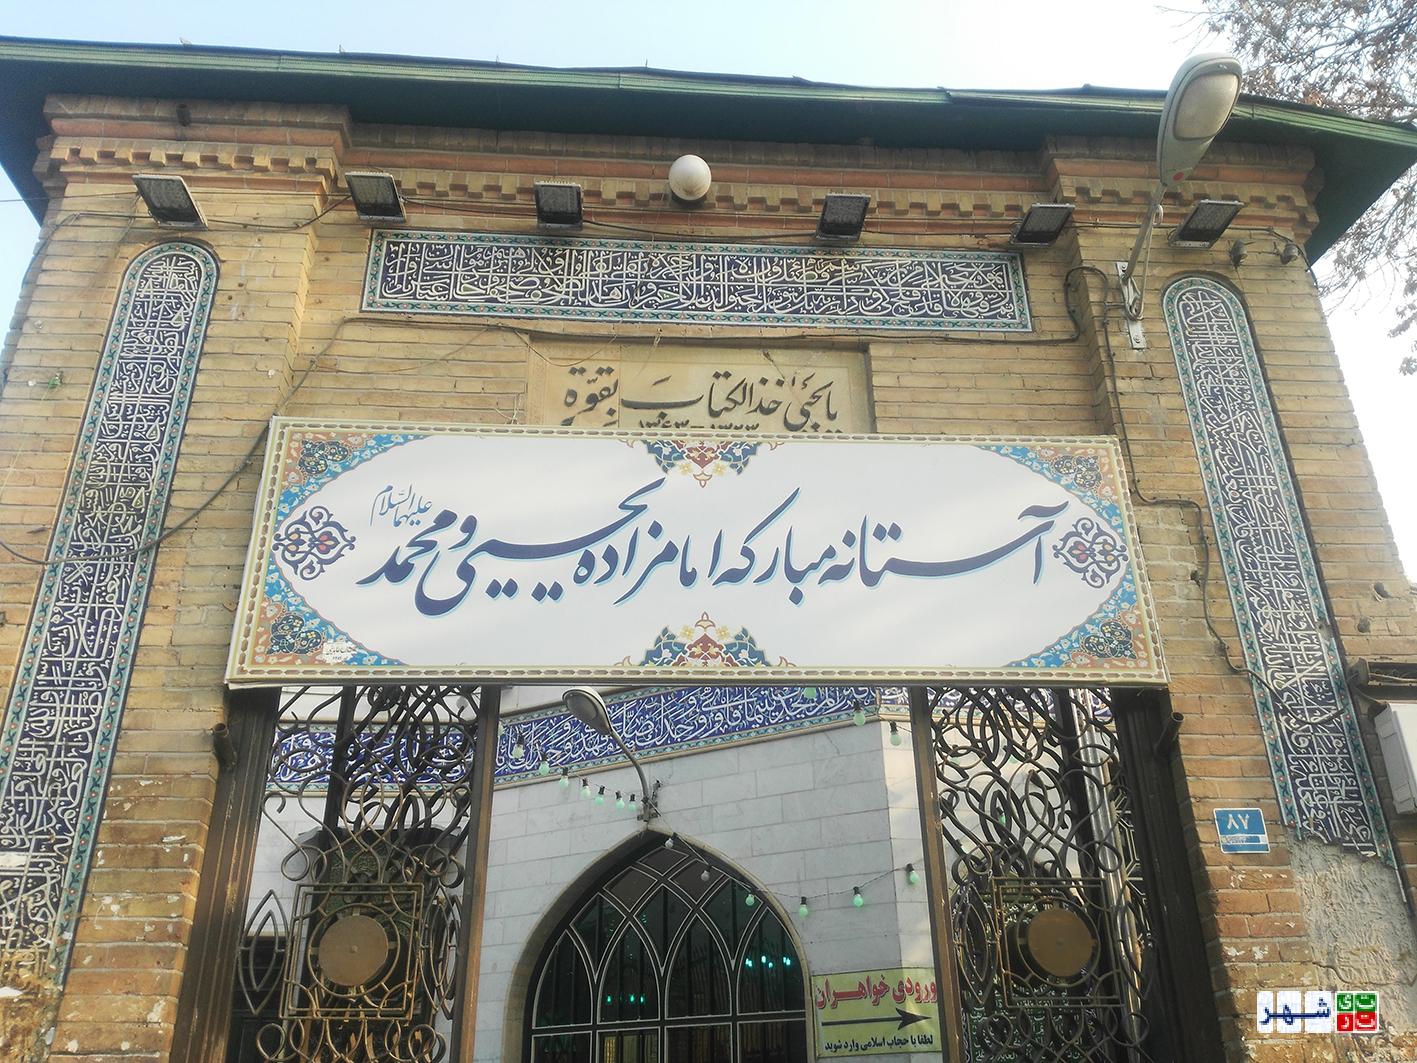 سرگشتگی تاریخی امامزاده یحیی بین تجاری، یا مسکونی/ محله ای که اتباع بیگانه پیش فروش شد!